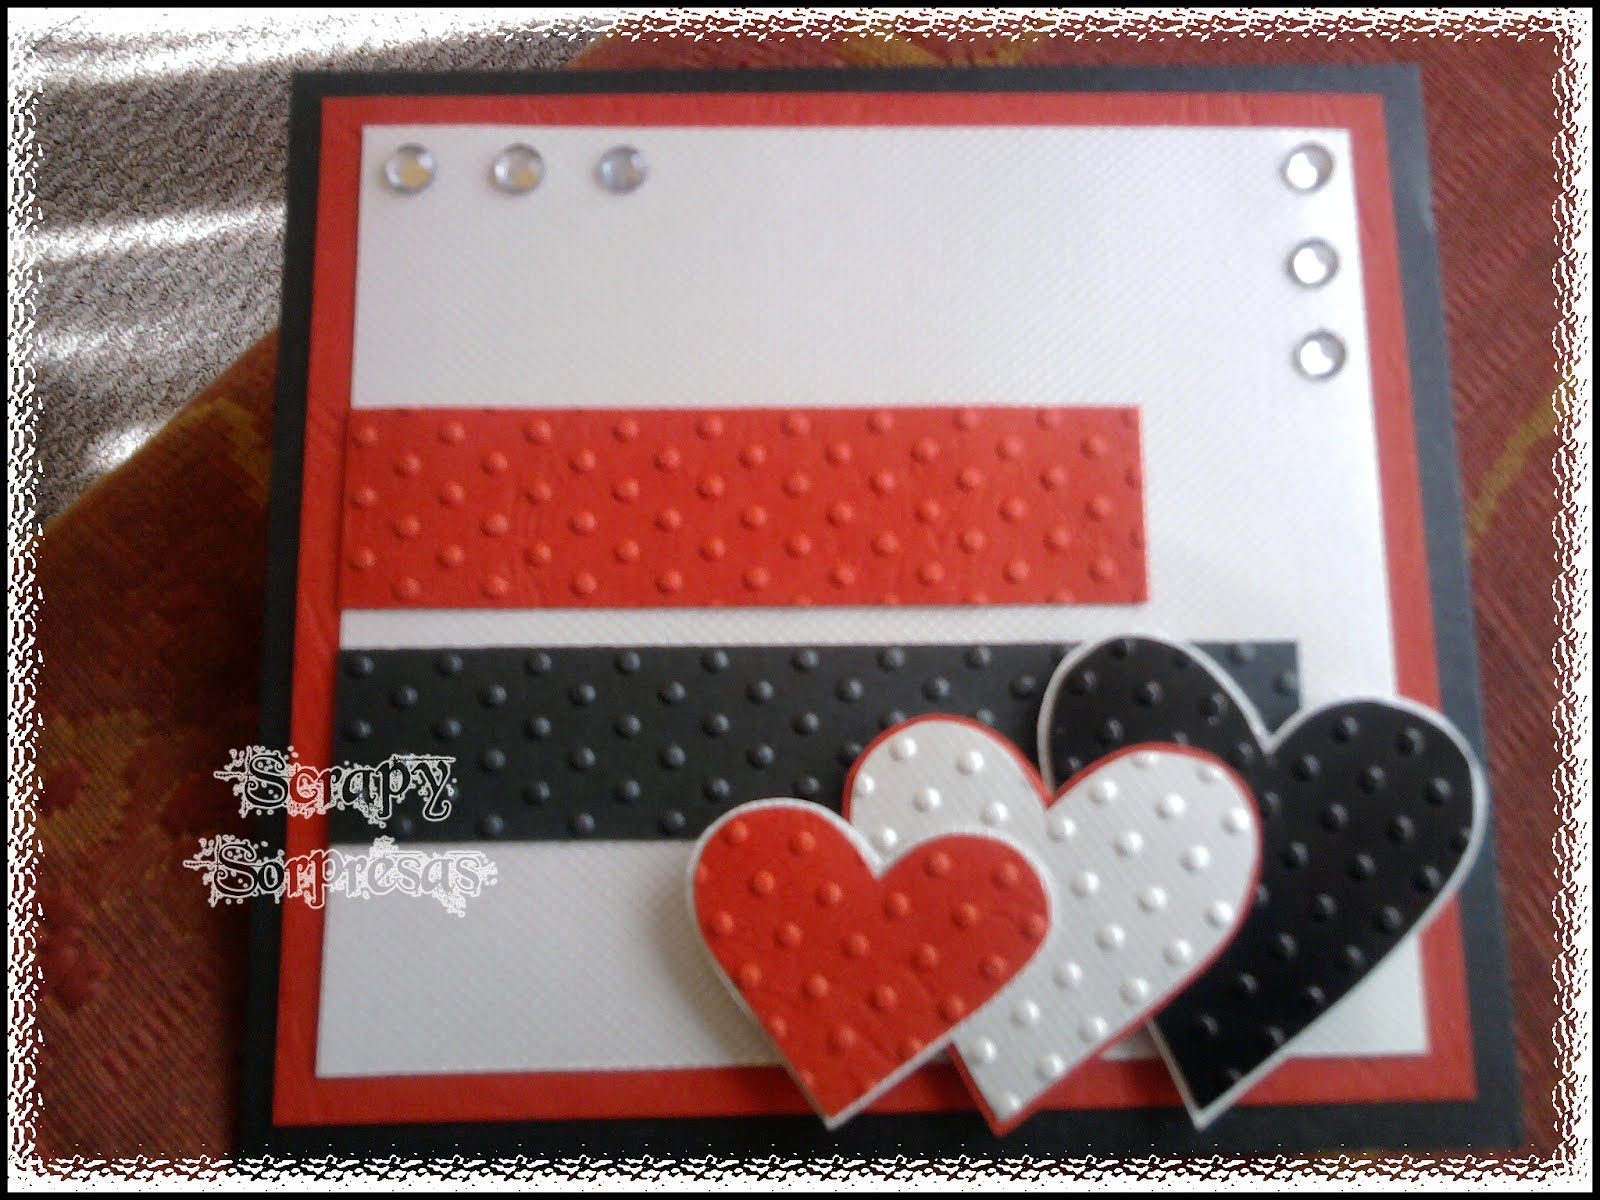 Scrapy sorpresas tarjetas vendidas en el d a del amor - Sorpresas para enamorados ...